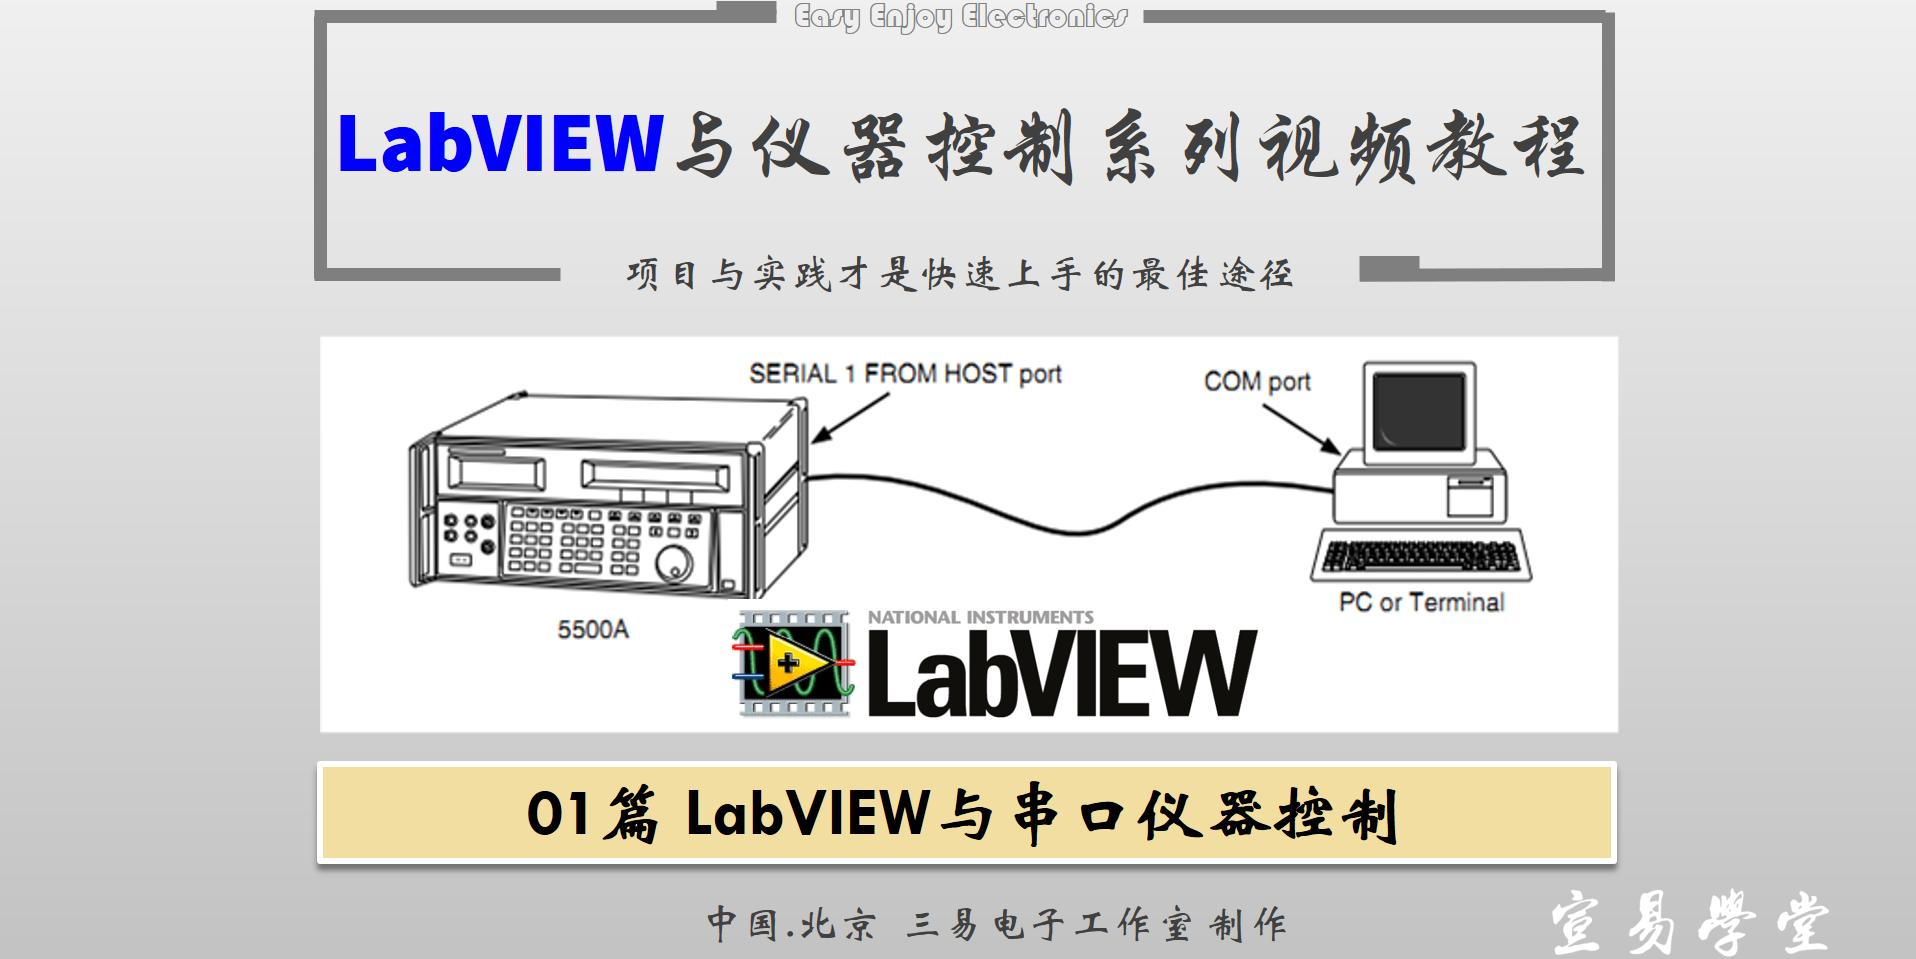 【儀器控制系列】LabVIEW串口通信詳解視頻教程